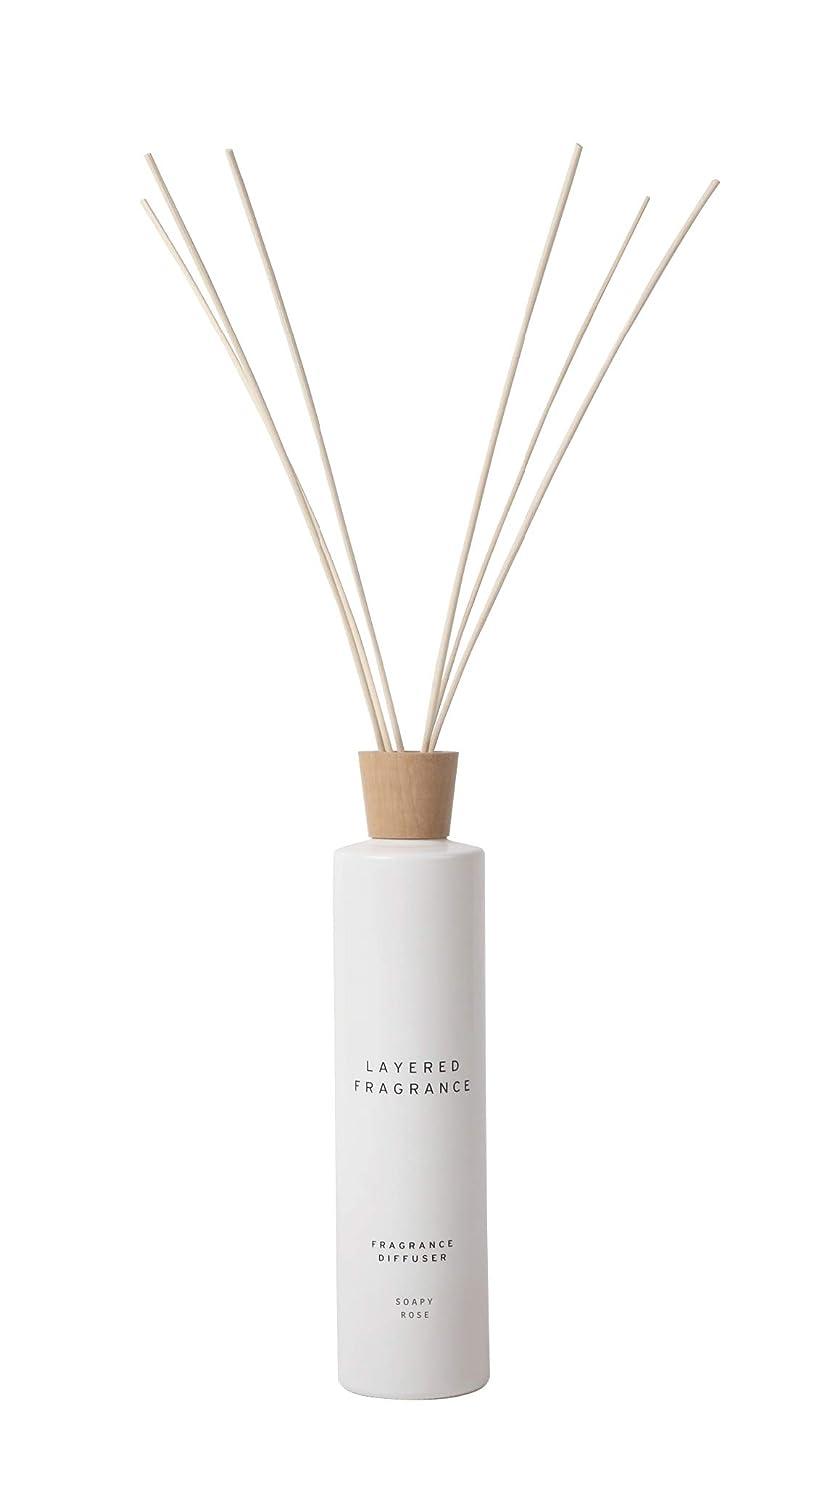 中間お手伝いさん経歴空間ごとに香りを使い分けて楽しむ レイヤードフレグランス フレグランスディフューザー ソーピーローズ 500ml